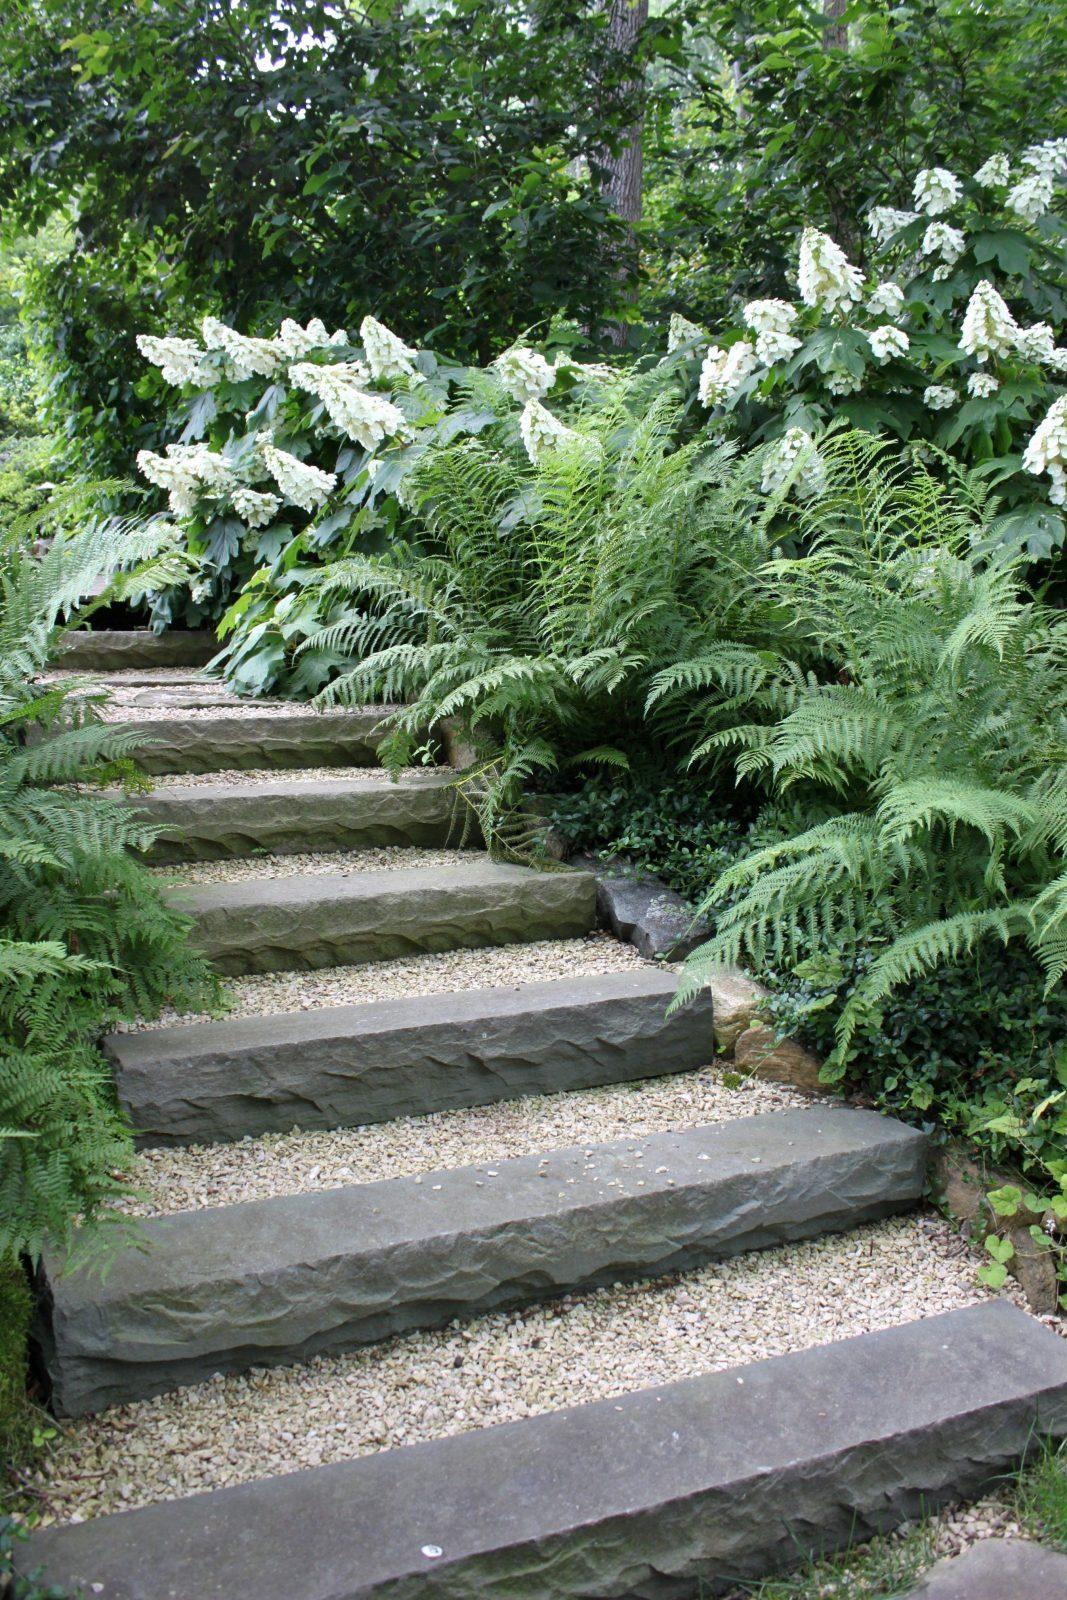 Garten Treppe Schön Kies Und Stein Waldgarten Pinterest  Dedood von Gartentreppe Selber Bauen Naturstein Photo